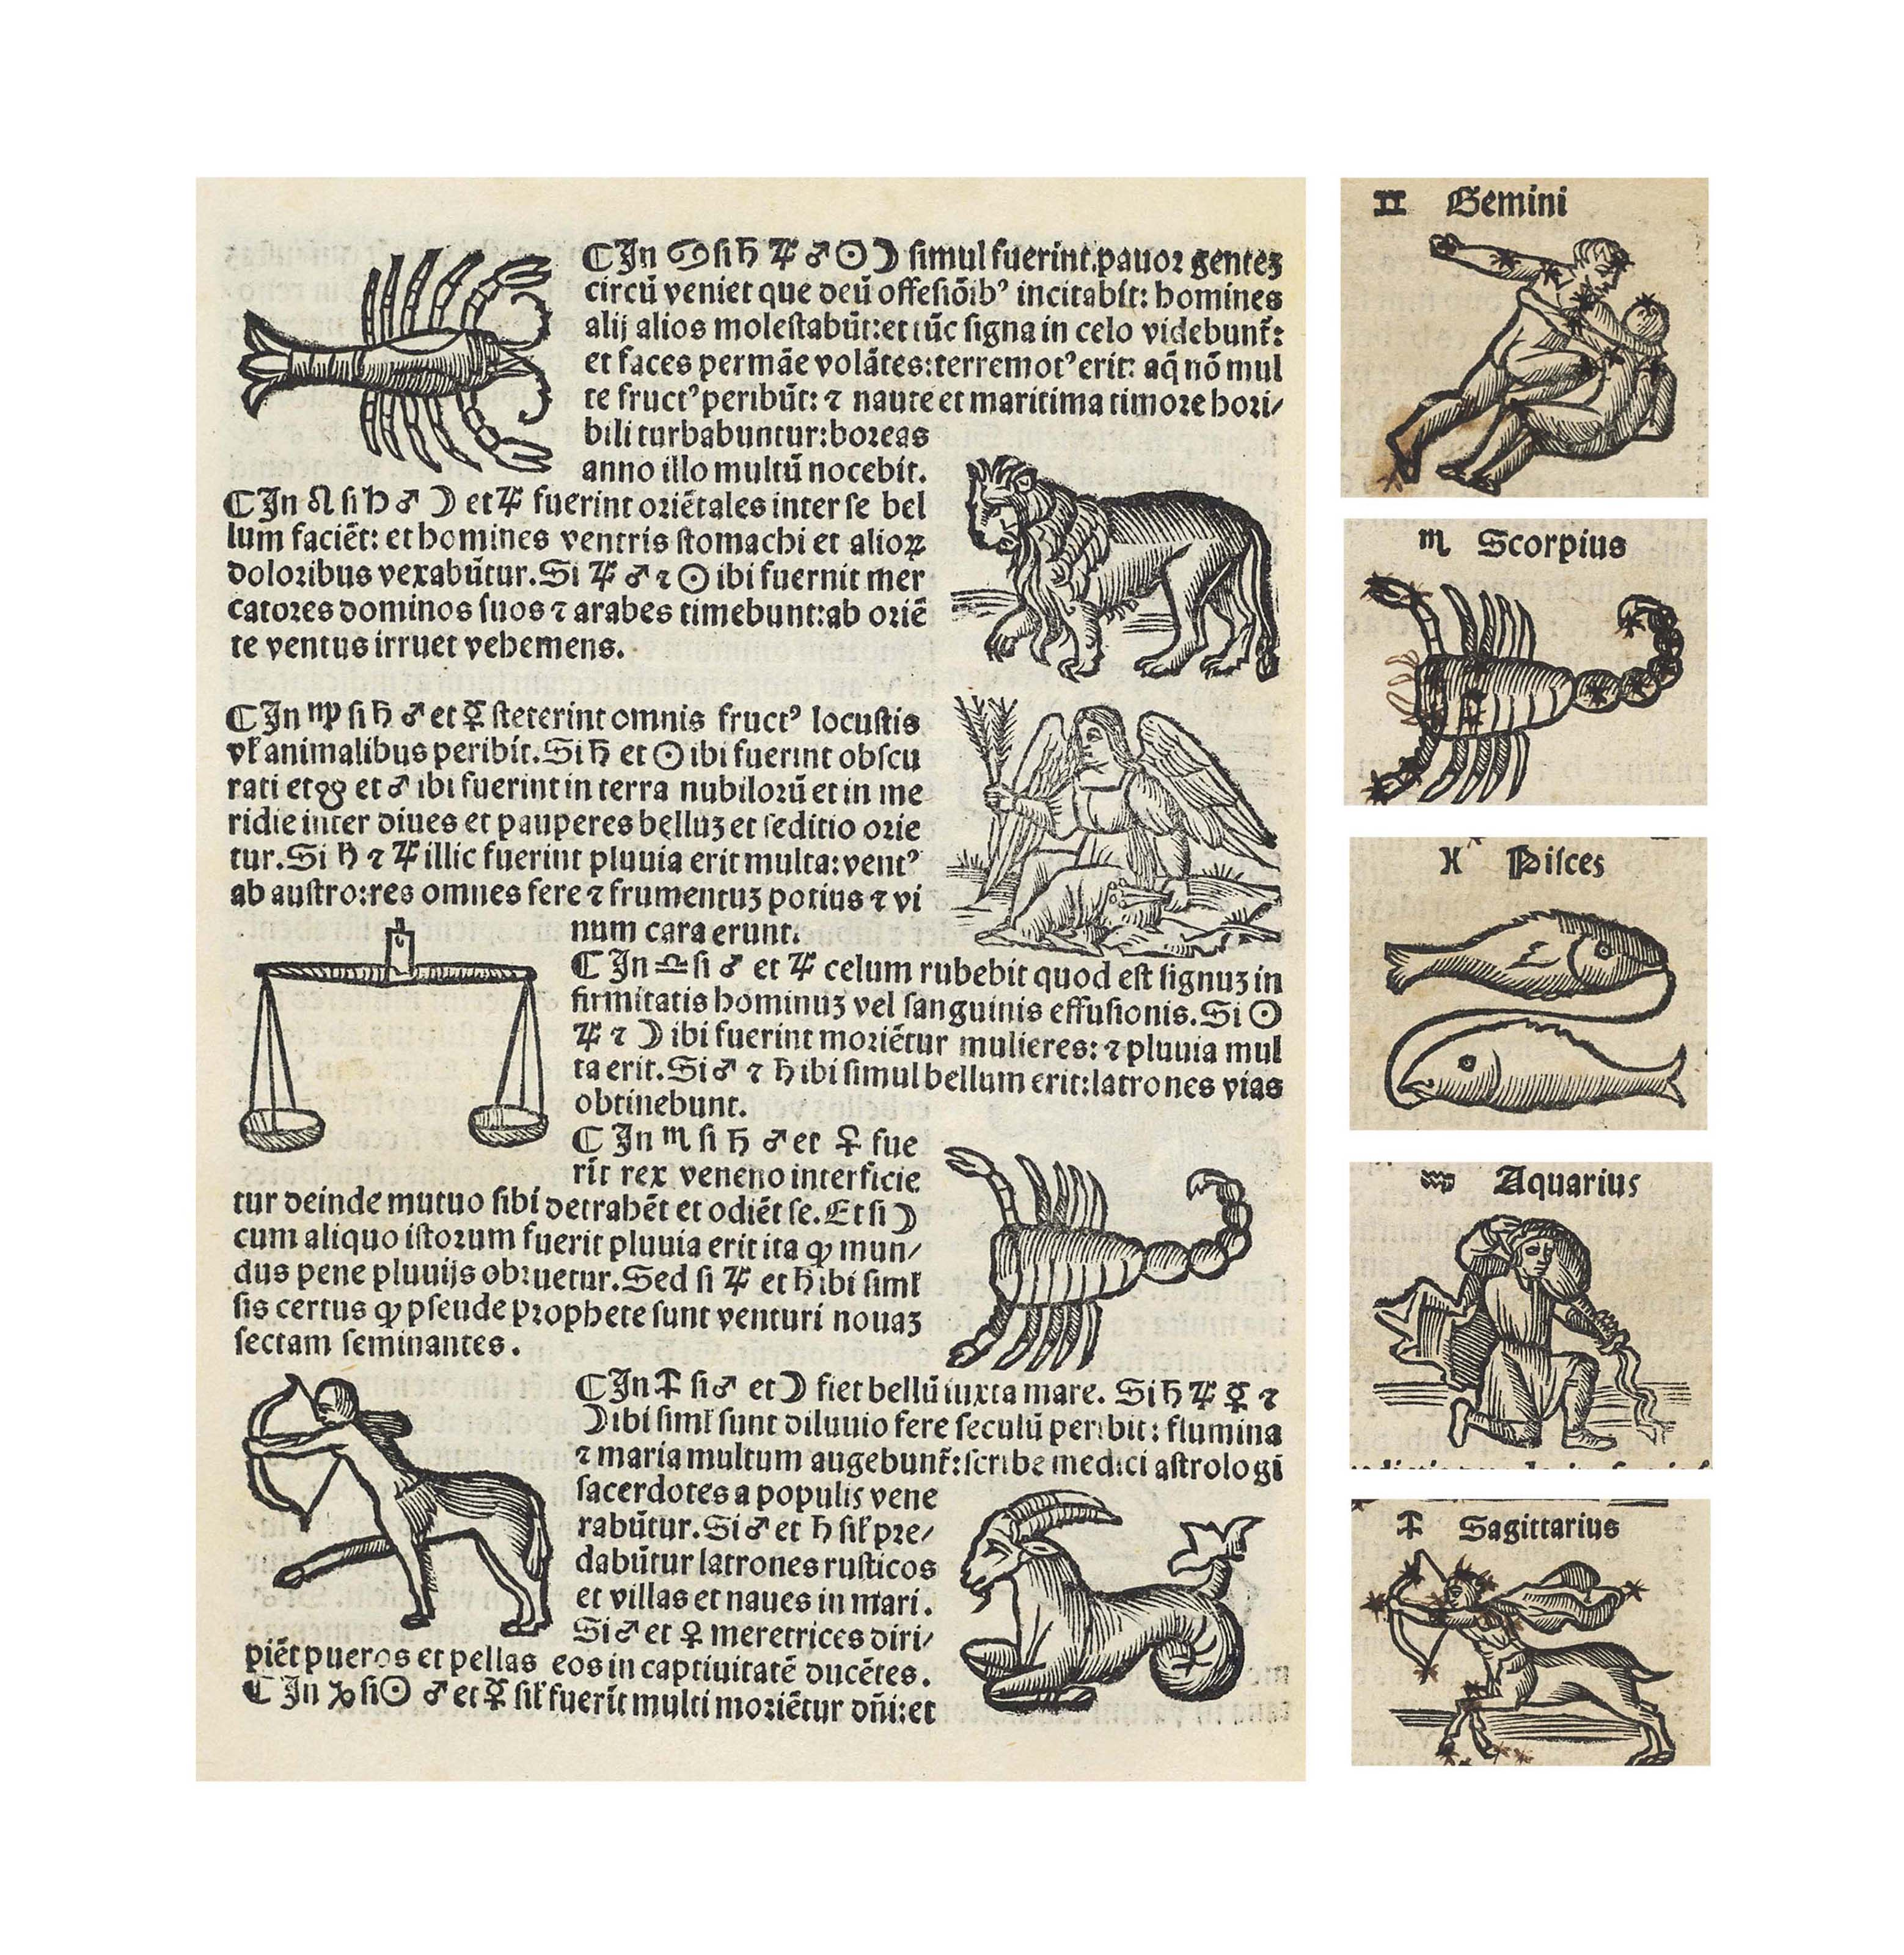 LEOPOLD OF AUSTRIA (13th century). Compilatio ... de astrorum scientia decem continentis tractatus. Venice: [Jacobus Pentius, for] Melchior Sessa and Petrus de Ravanis, 15 July 1520.